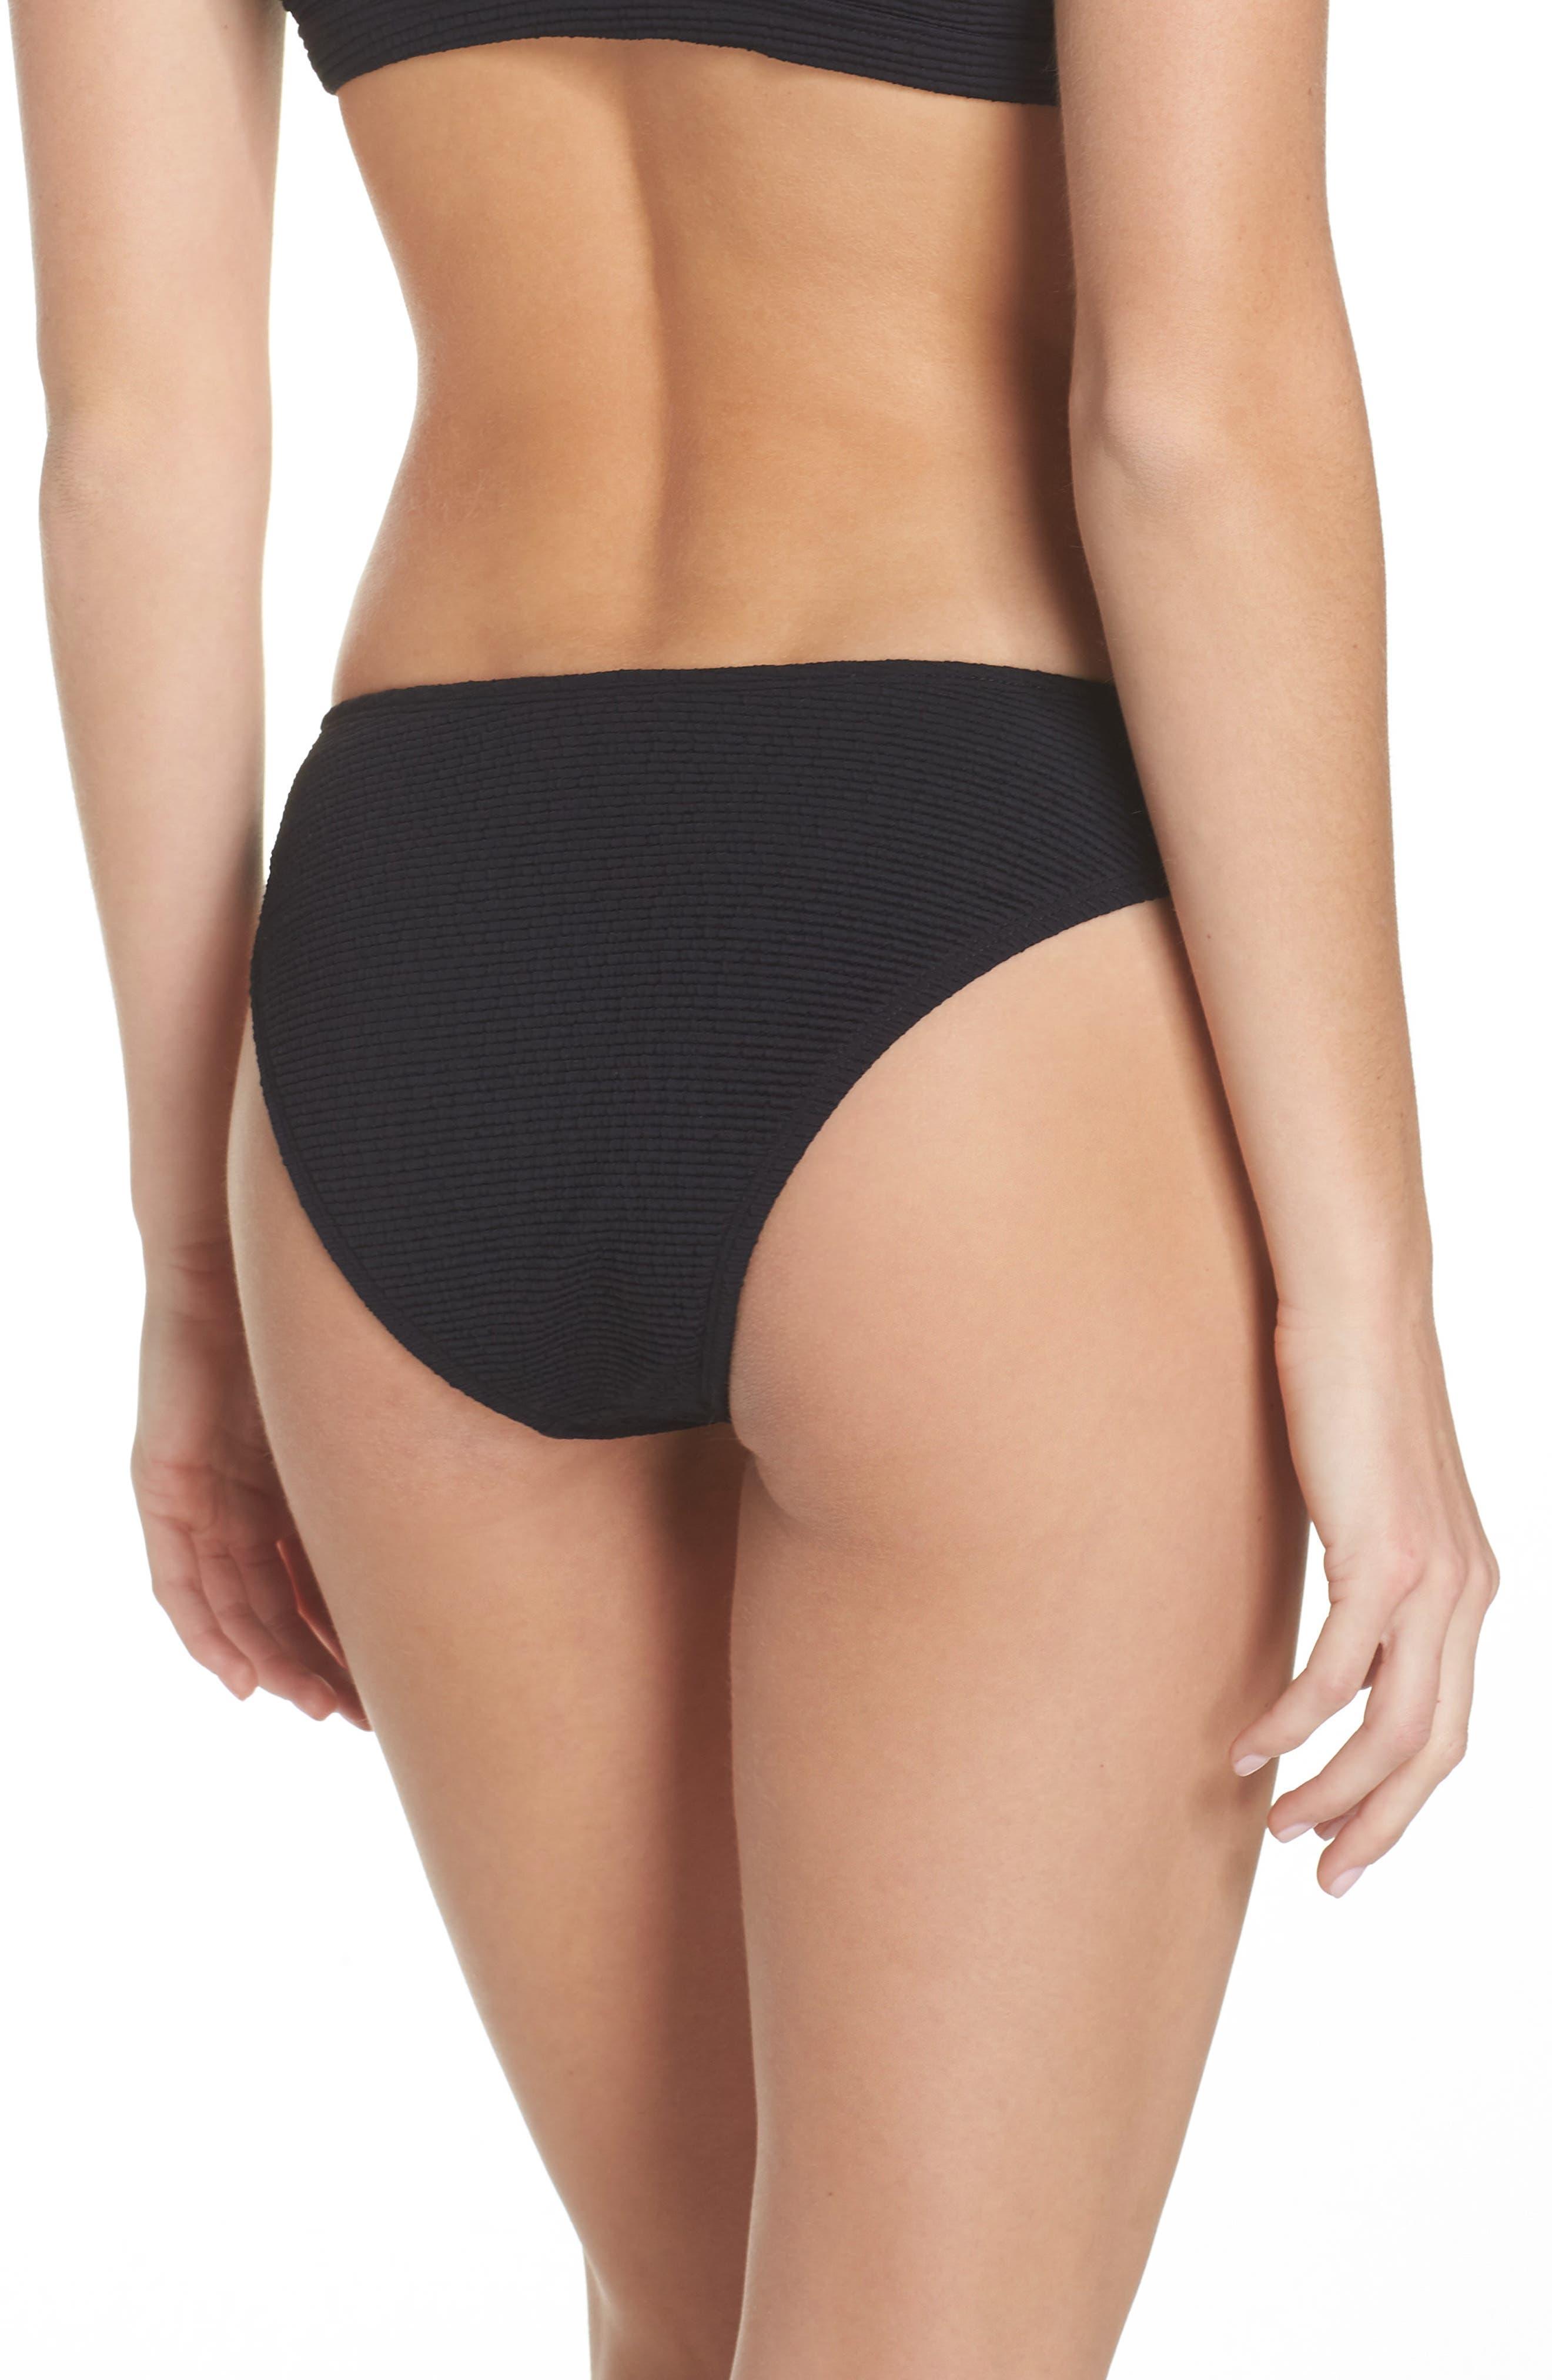 Malibu High Leg Bikini Bottoms,                             Alternate thumbnail 2, color,                             BLACK